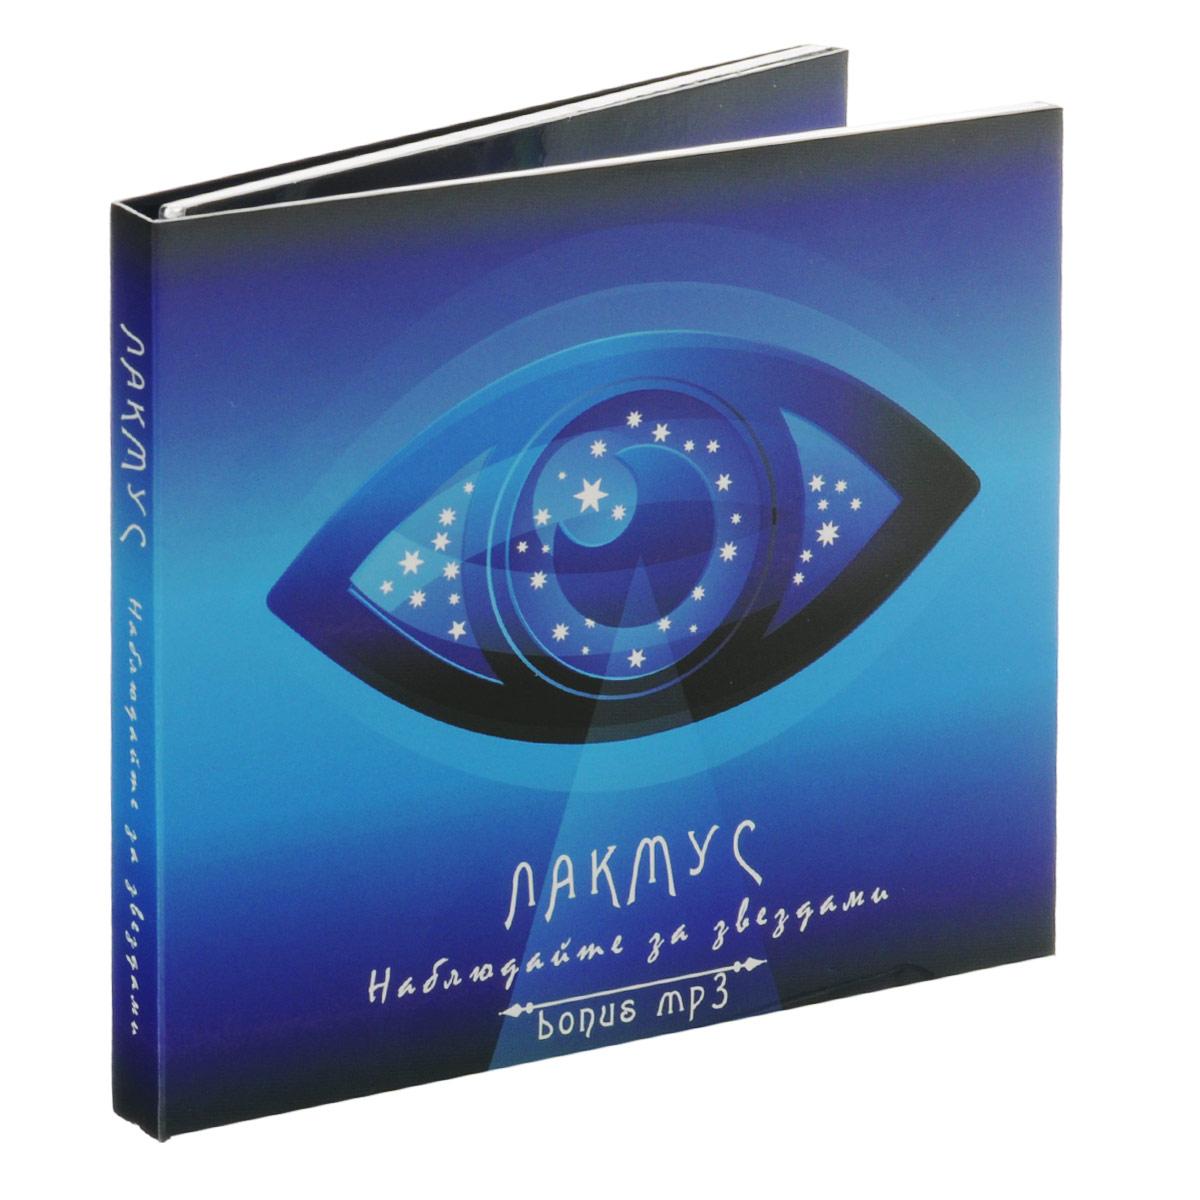 Издание содержит 12-страничный буклет с дополнительной информацией.